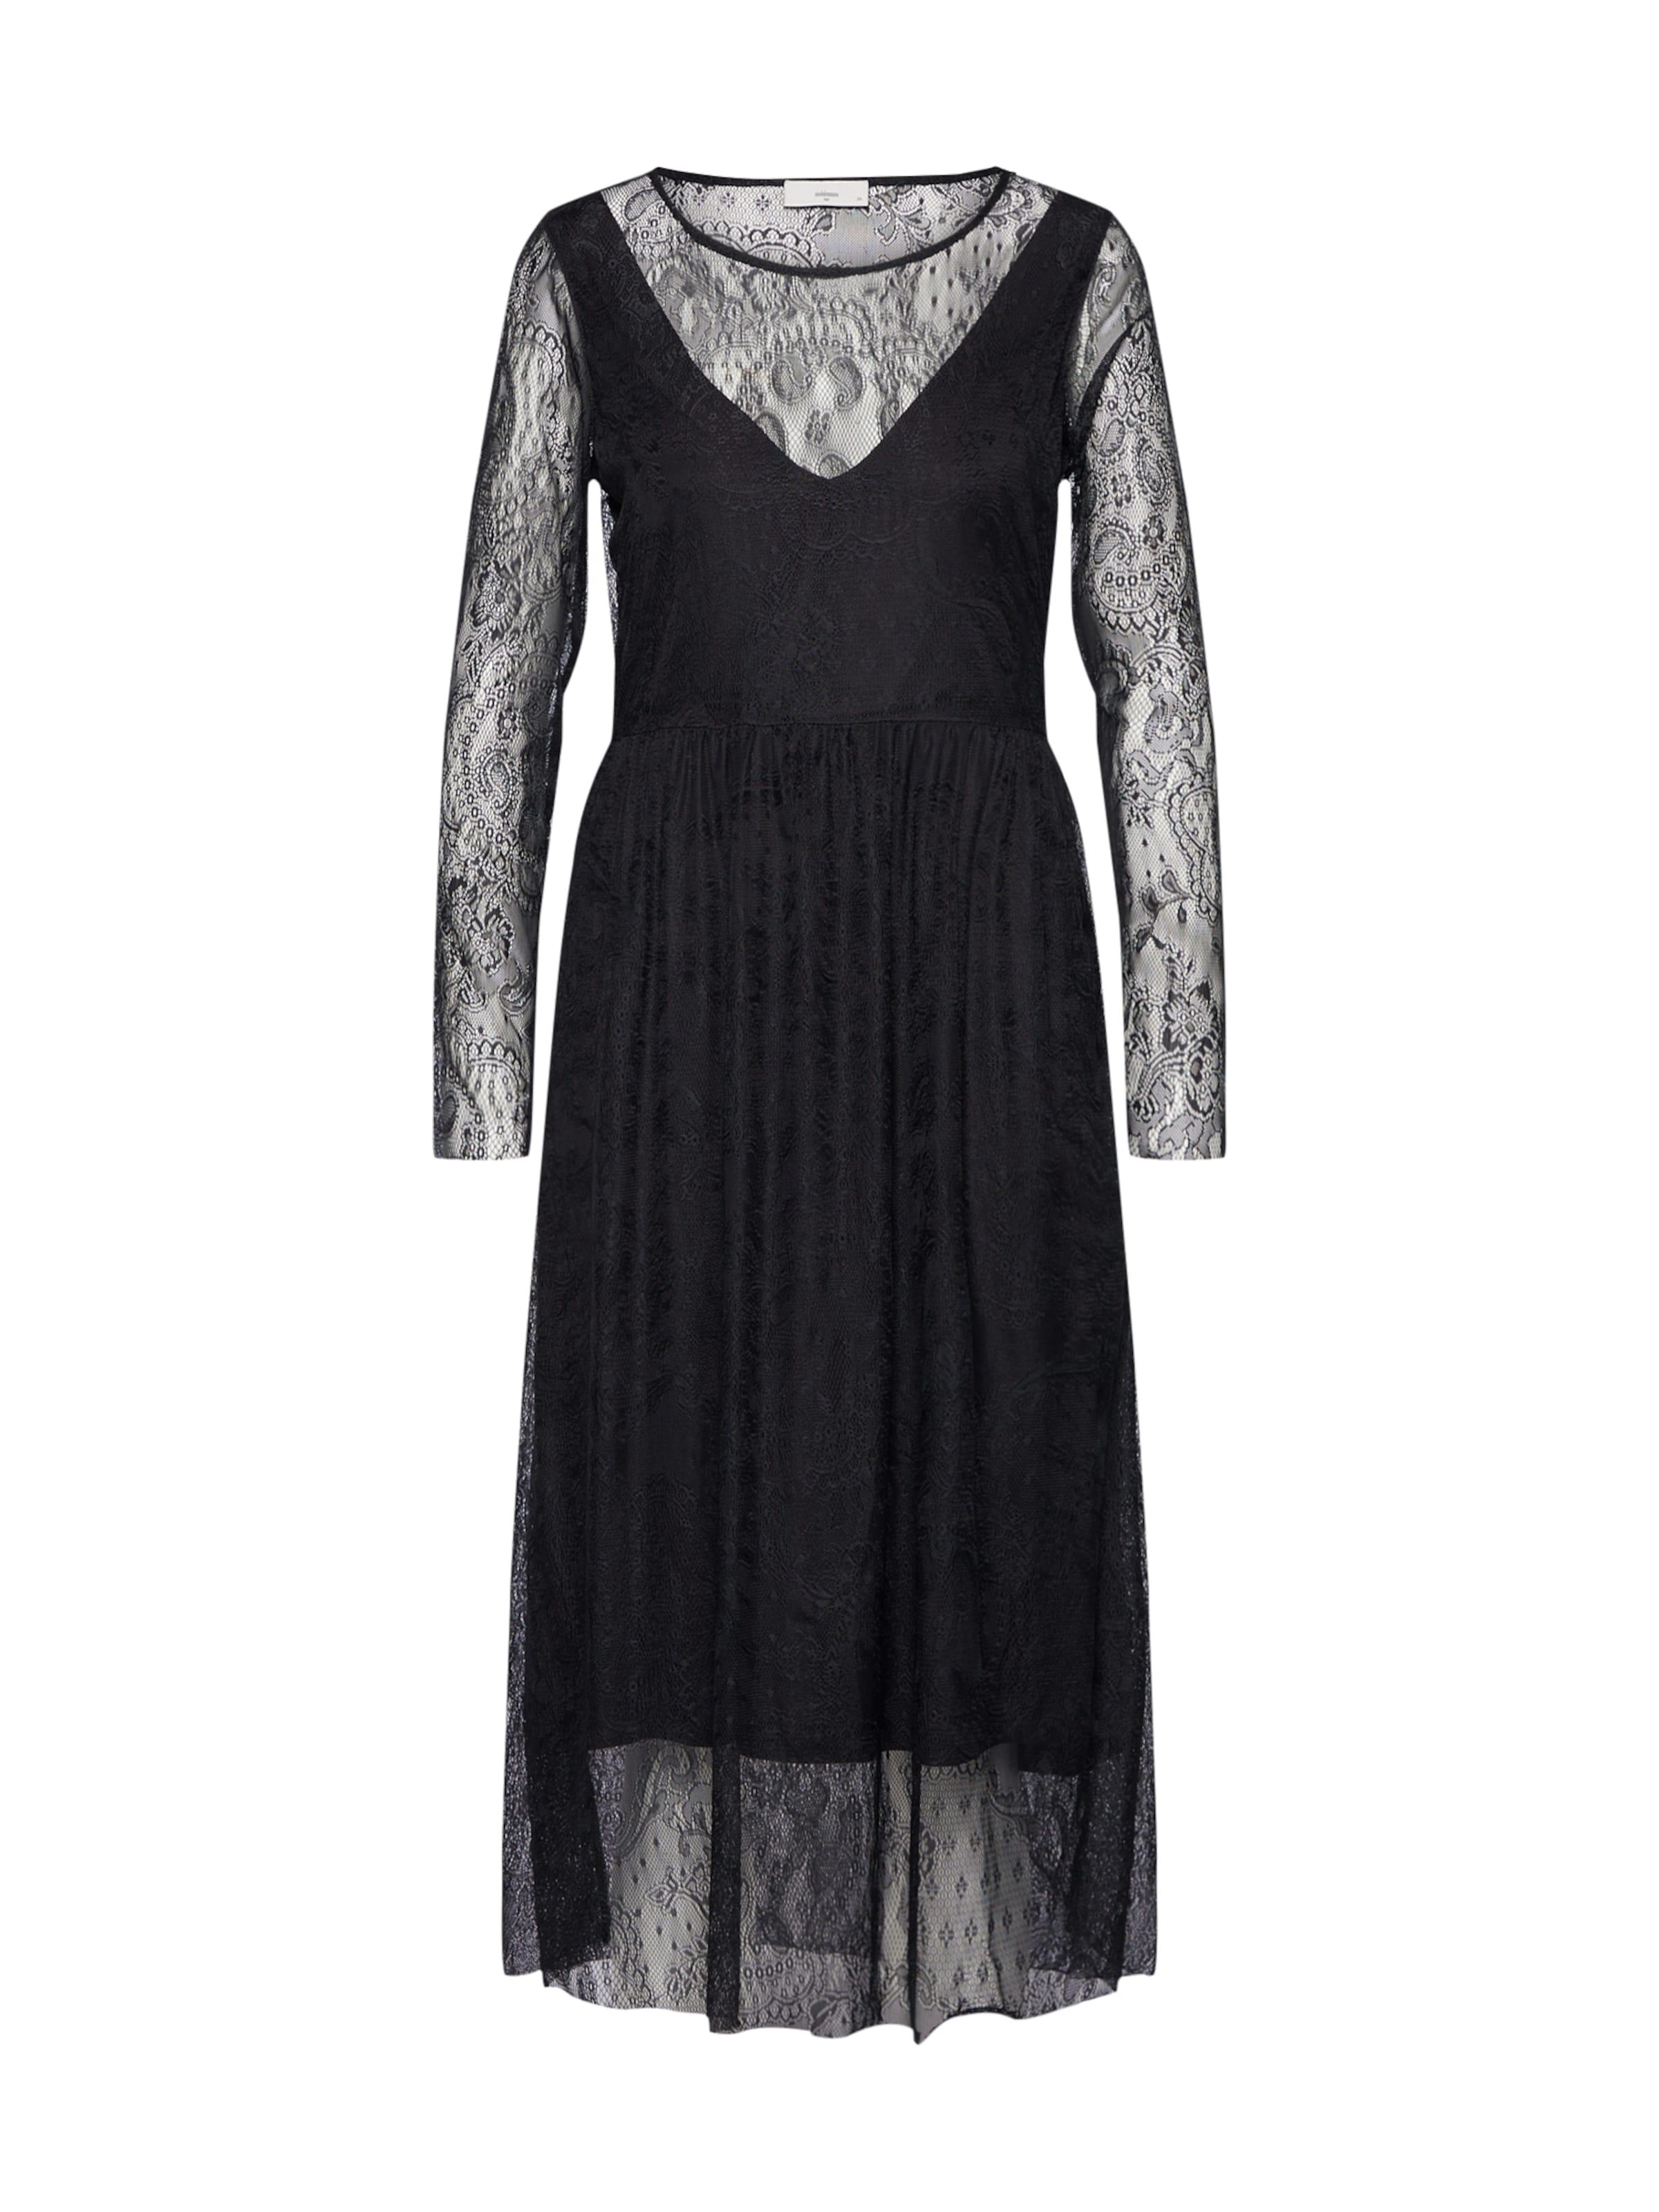 'alanna' Kleid Kleid Minimum In Schwarz 'alanna' 'alanna' Minimum Kleid In Minimum Schwarz OwXTPkZiu